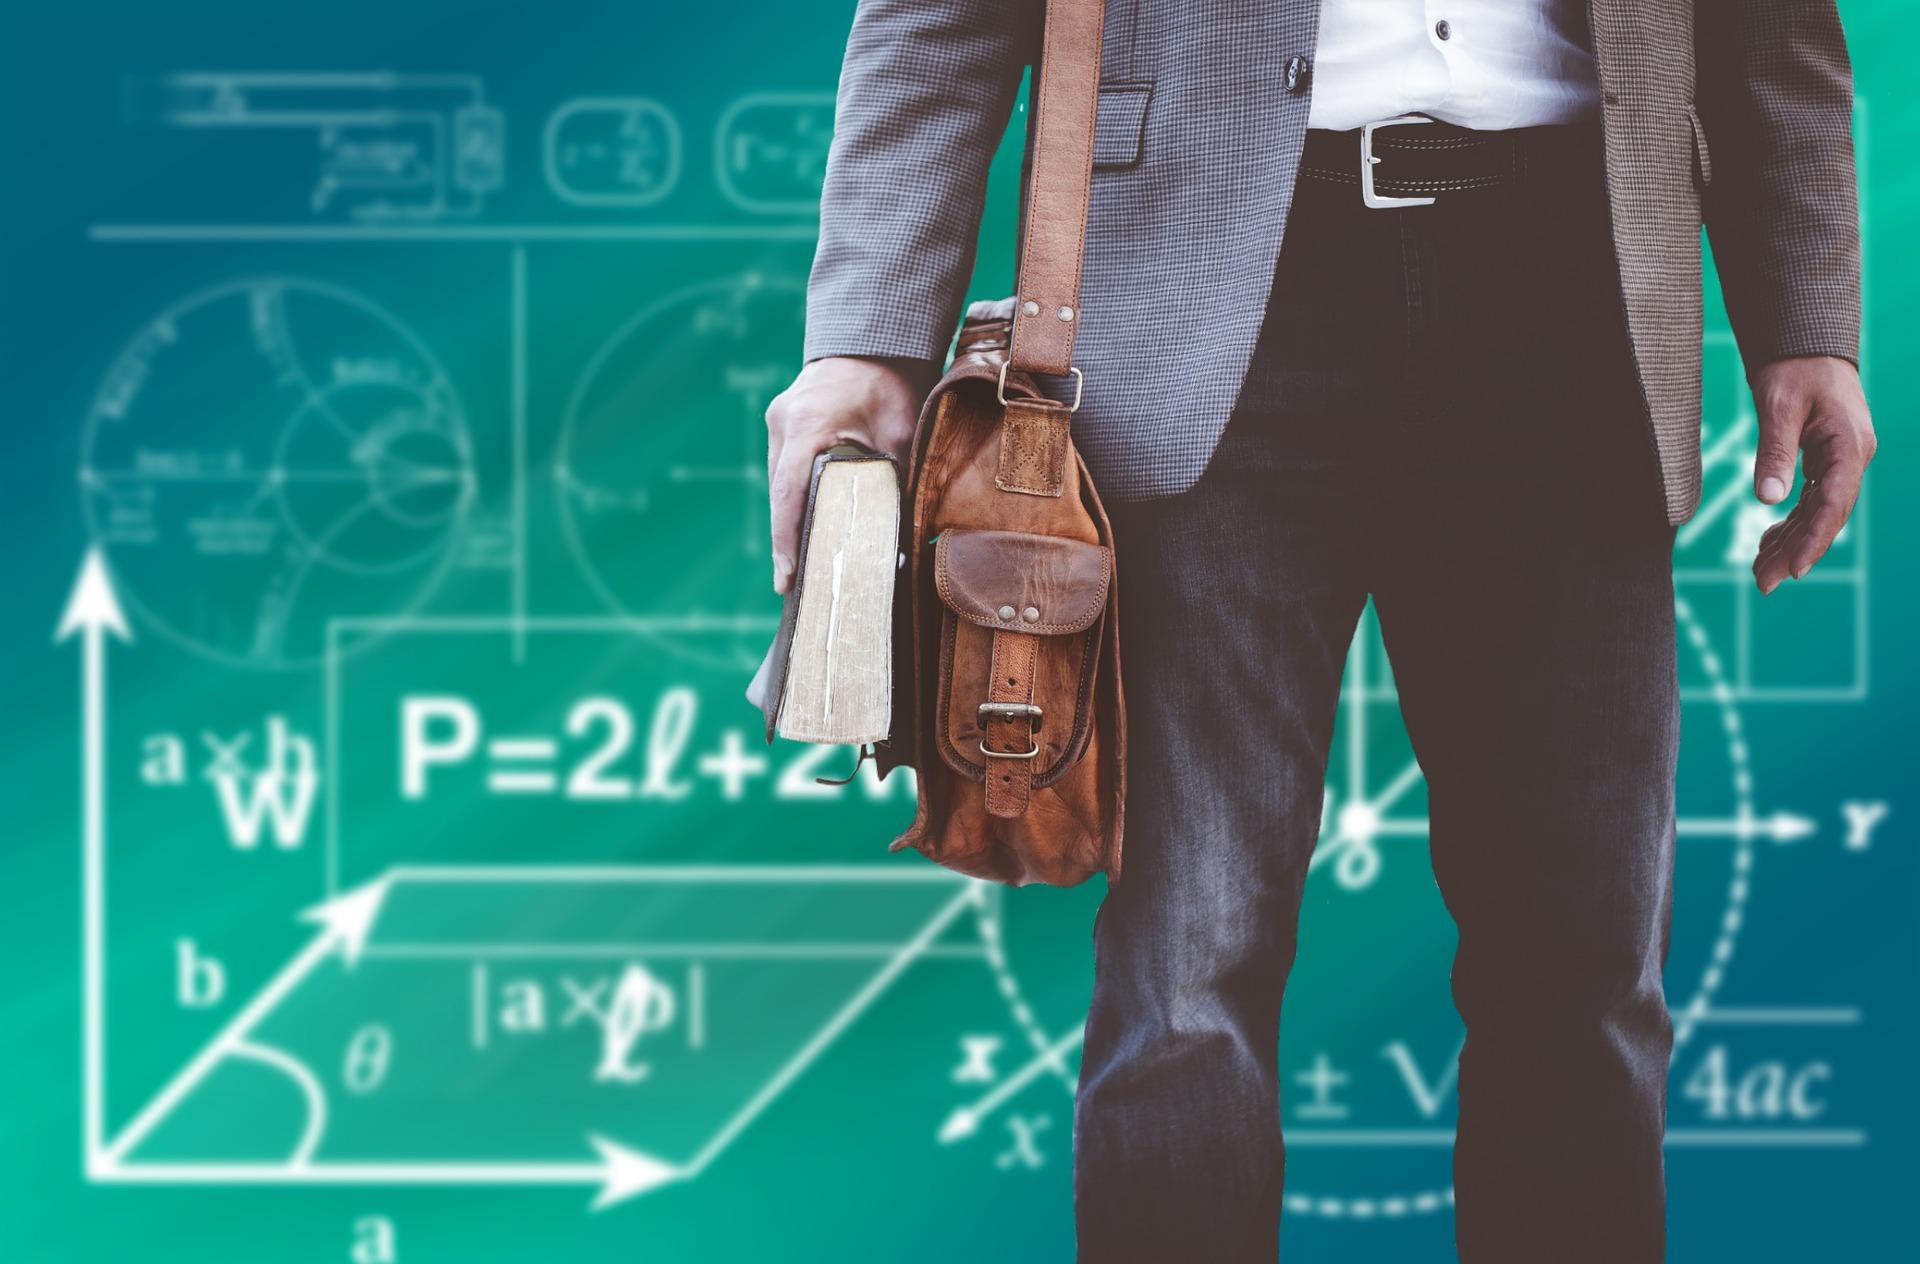 Dążymy do tego, aby jak największa liczba nauczycieli miała angaże w szkołach, aby uchronić nauczycieli przed utratą pracy - mówi Rafał Bochenek(fot.pixabay)